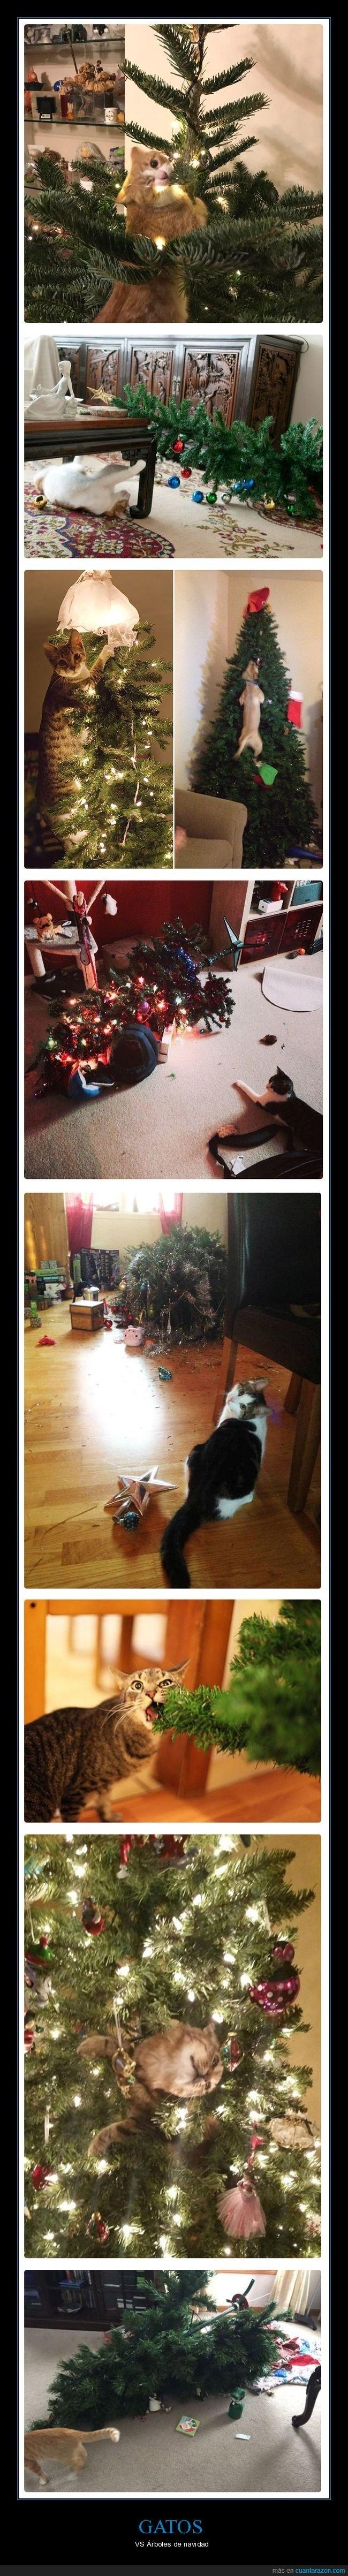 árboles de navidad,gatos,navidad